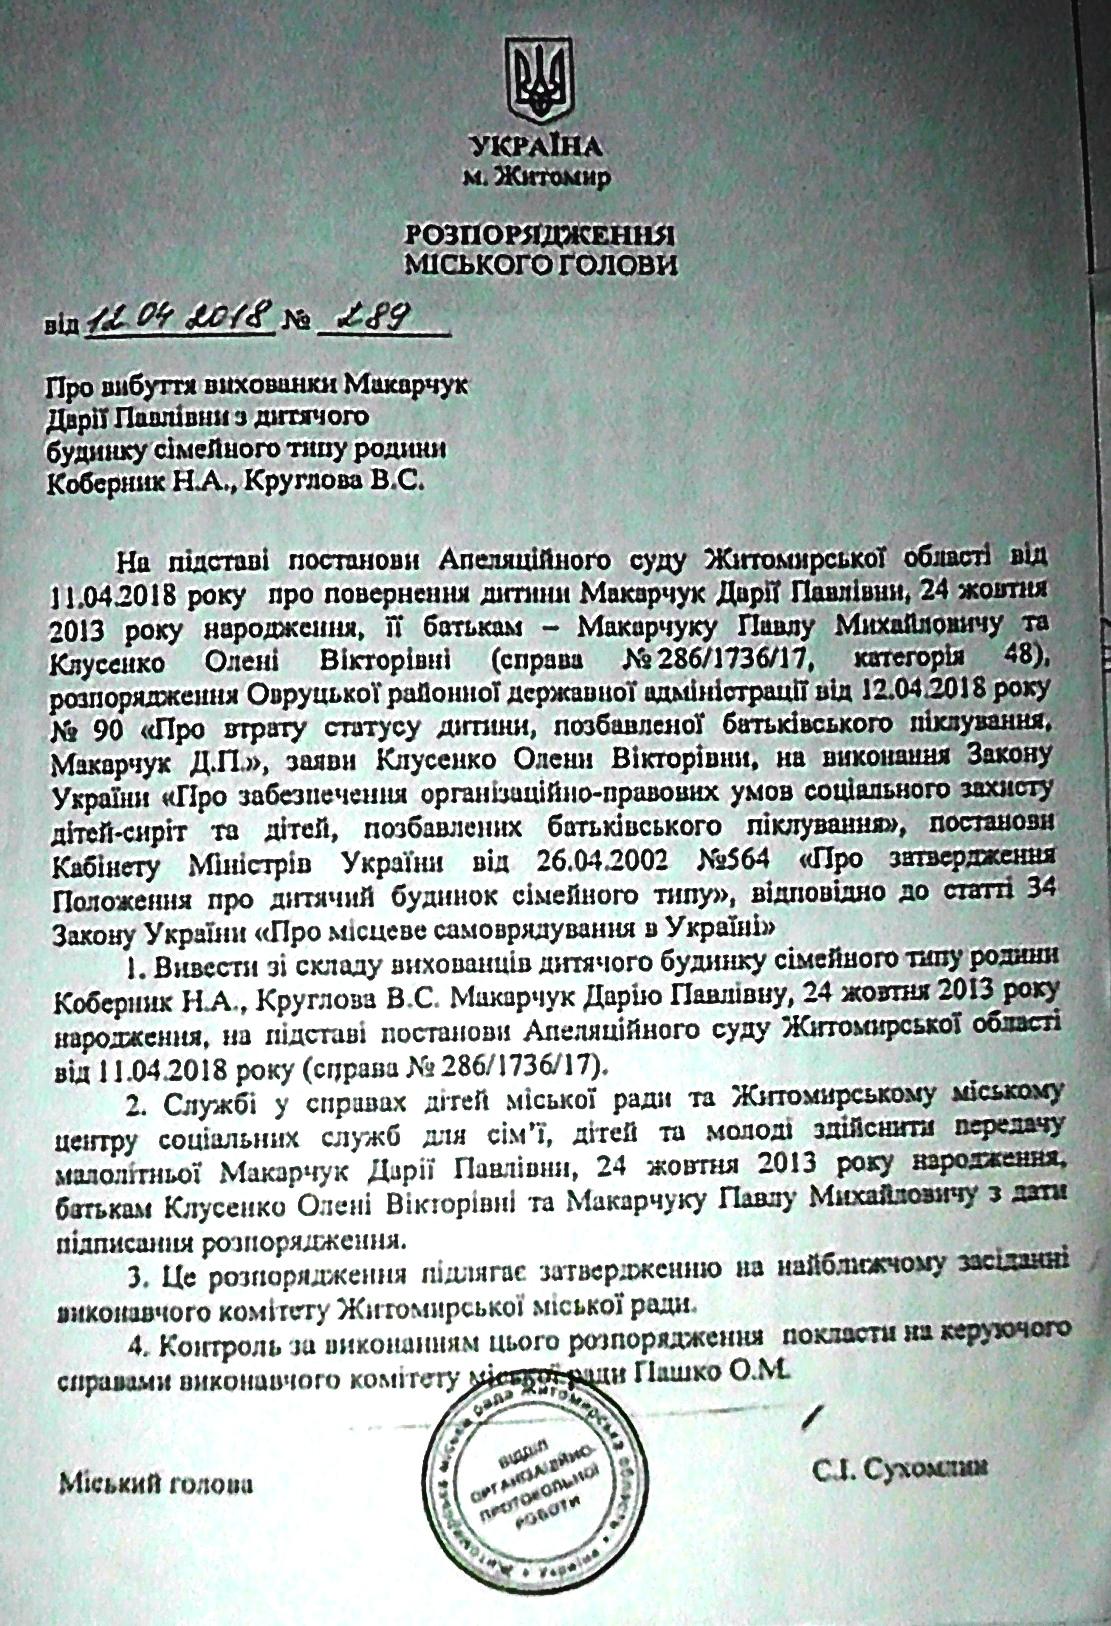 Розпорядження міського голови Сухомлина Сергія